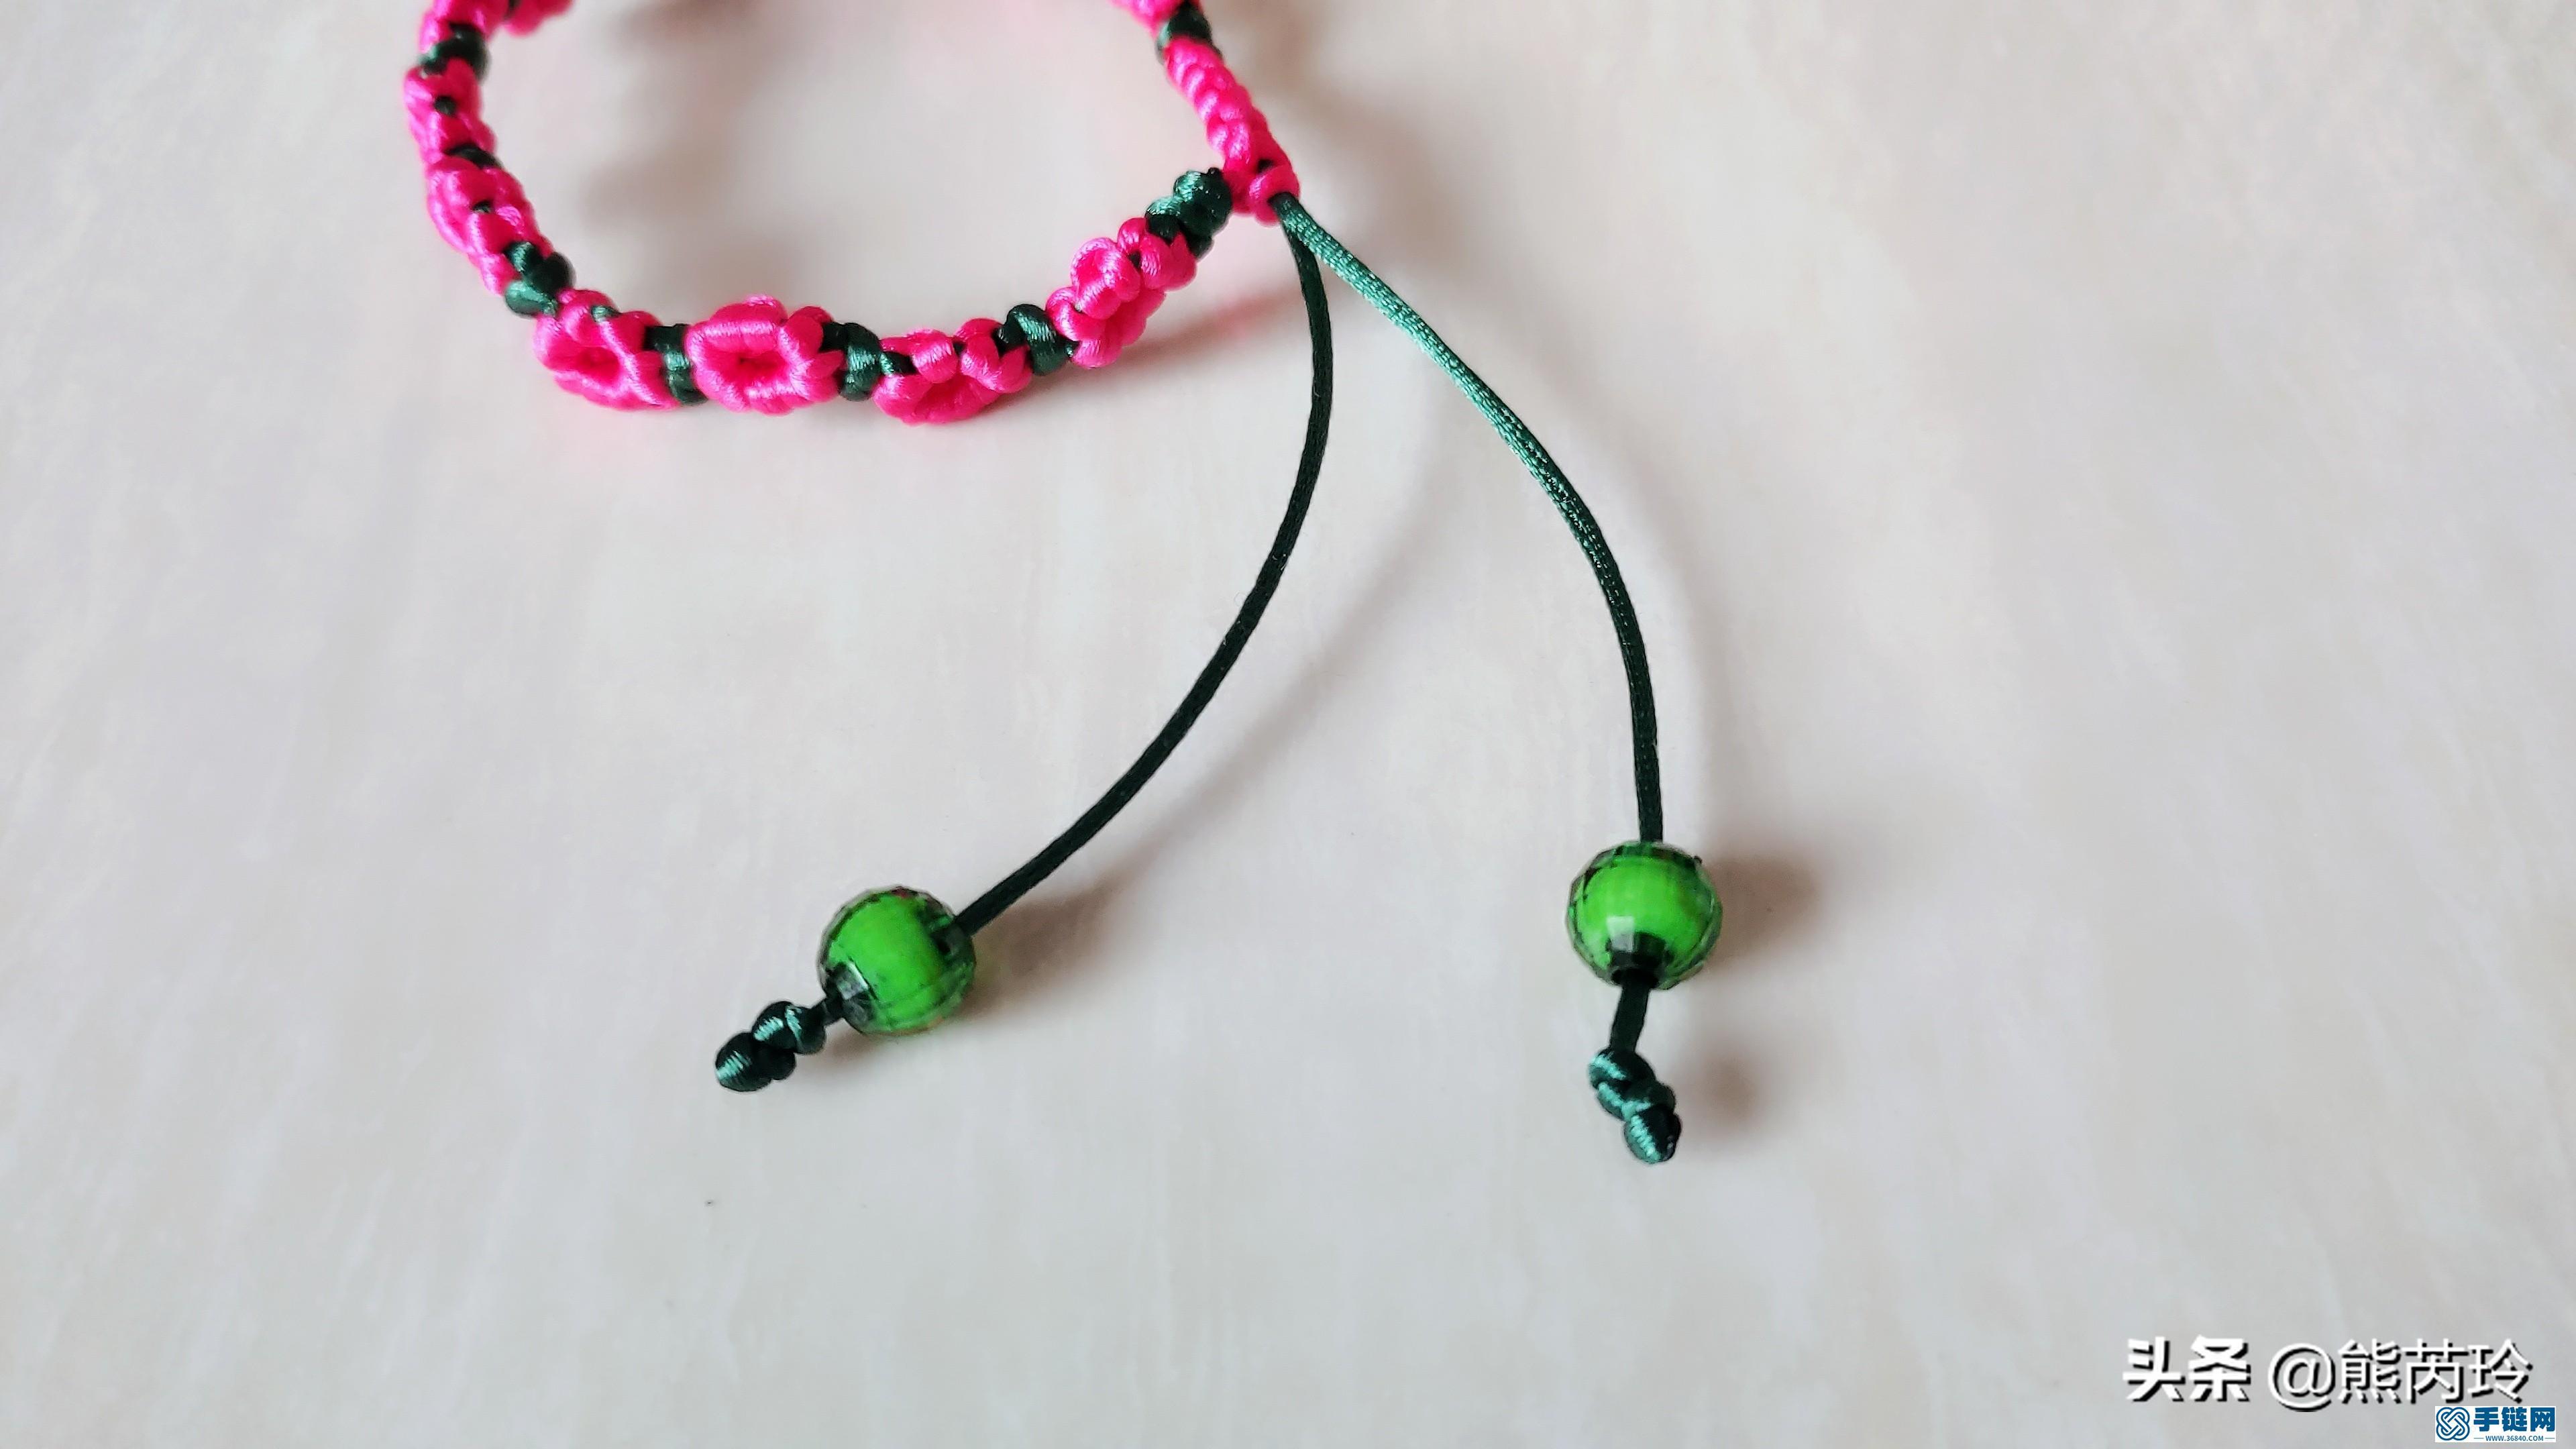 梅花手链的编法图解,学习梅花手绳编织教学